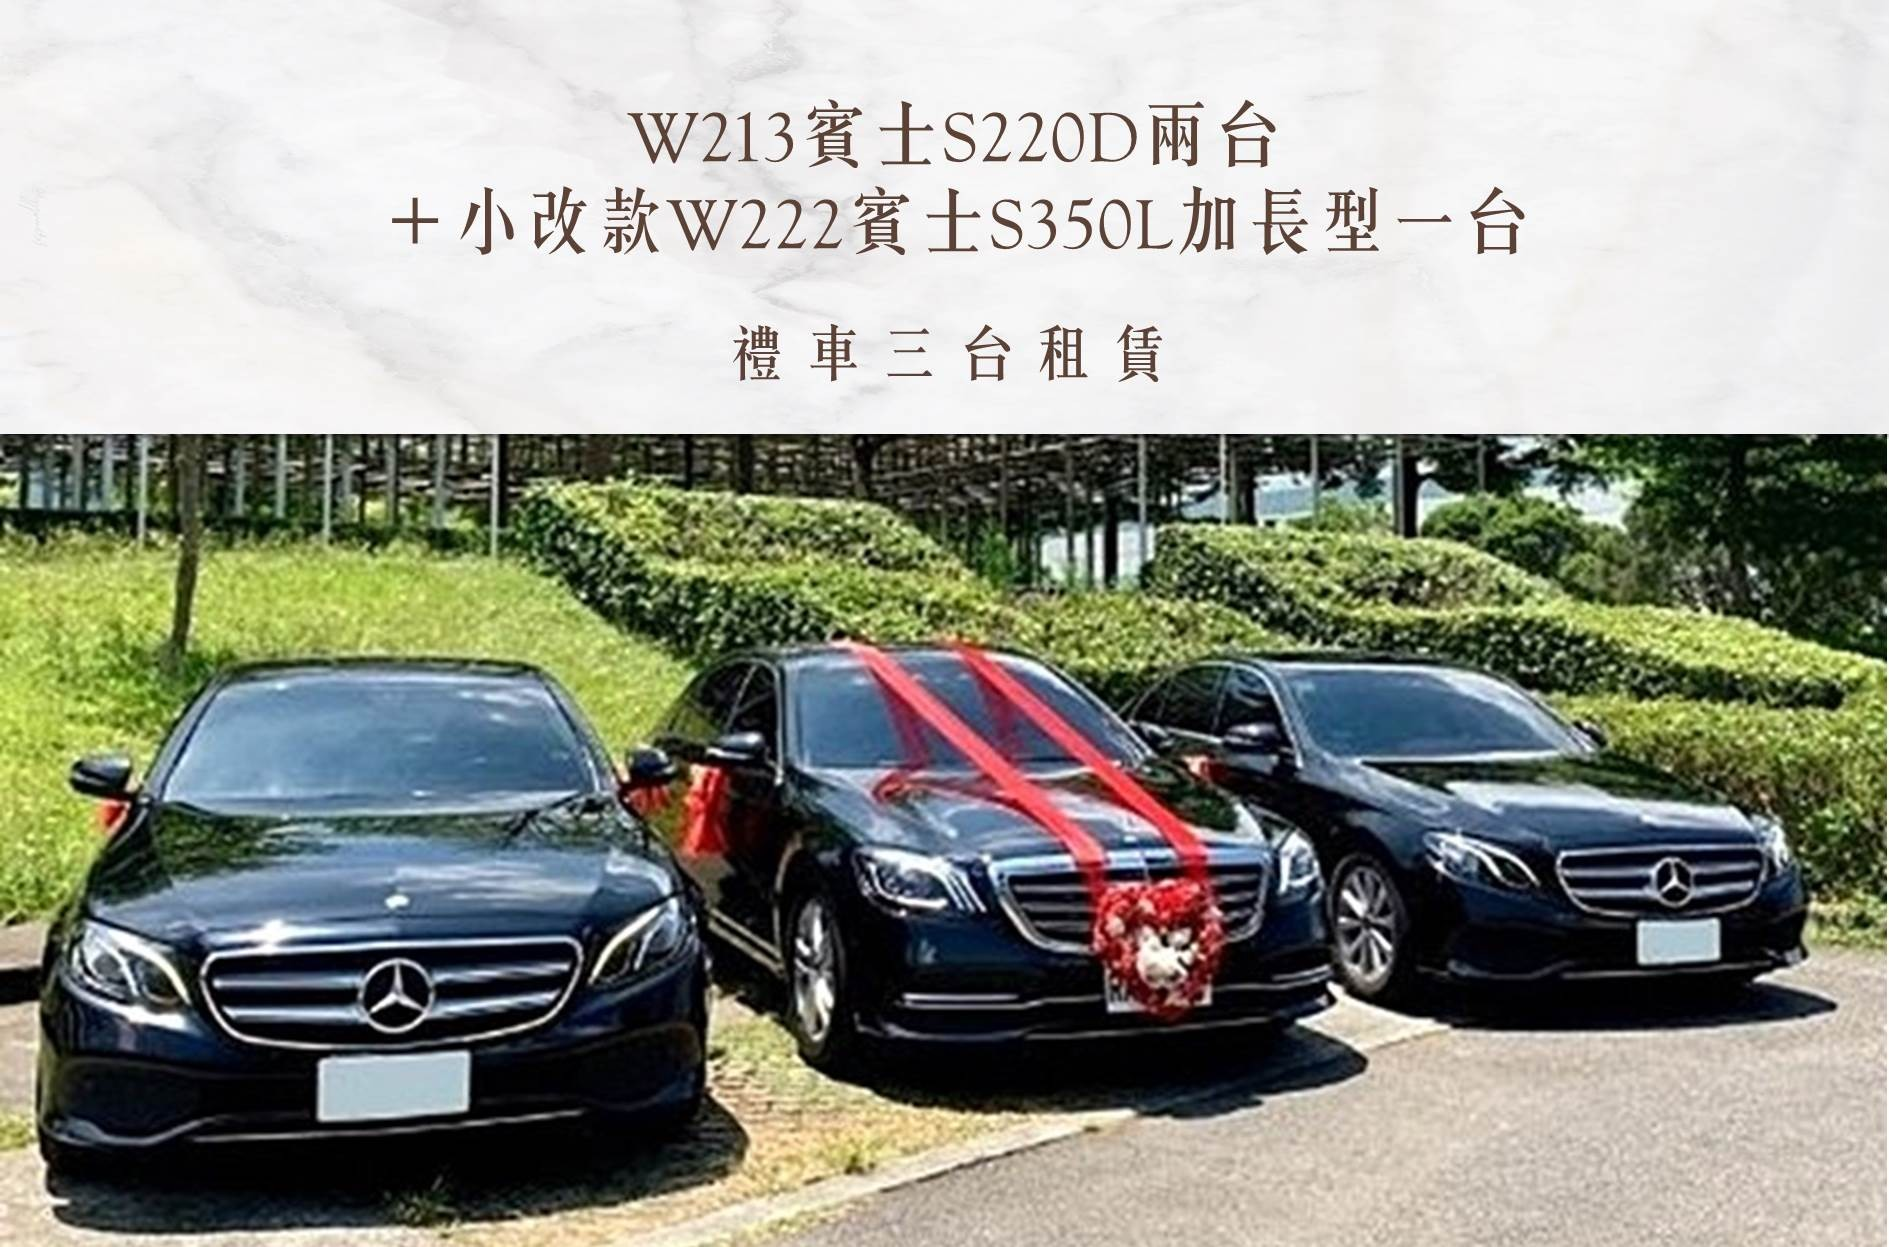 W213賓士S220D兩台+小改款W222賓士S350L加長型一台